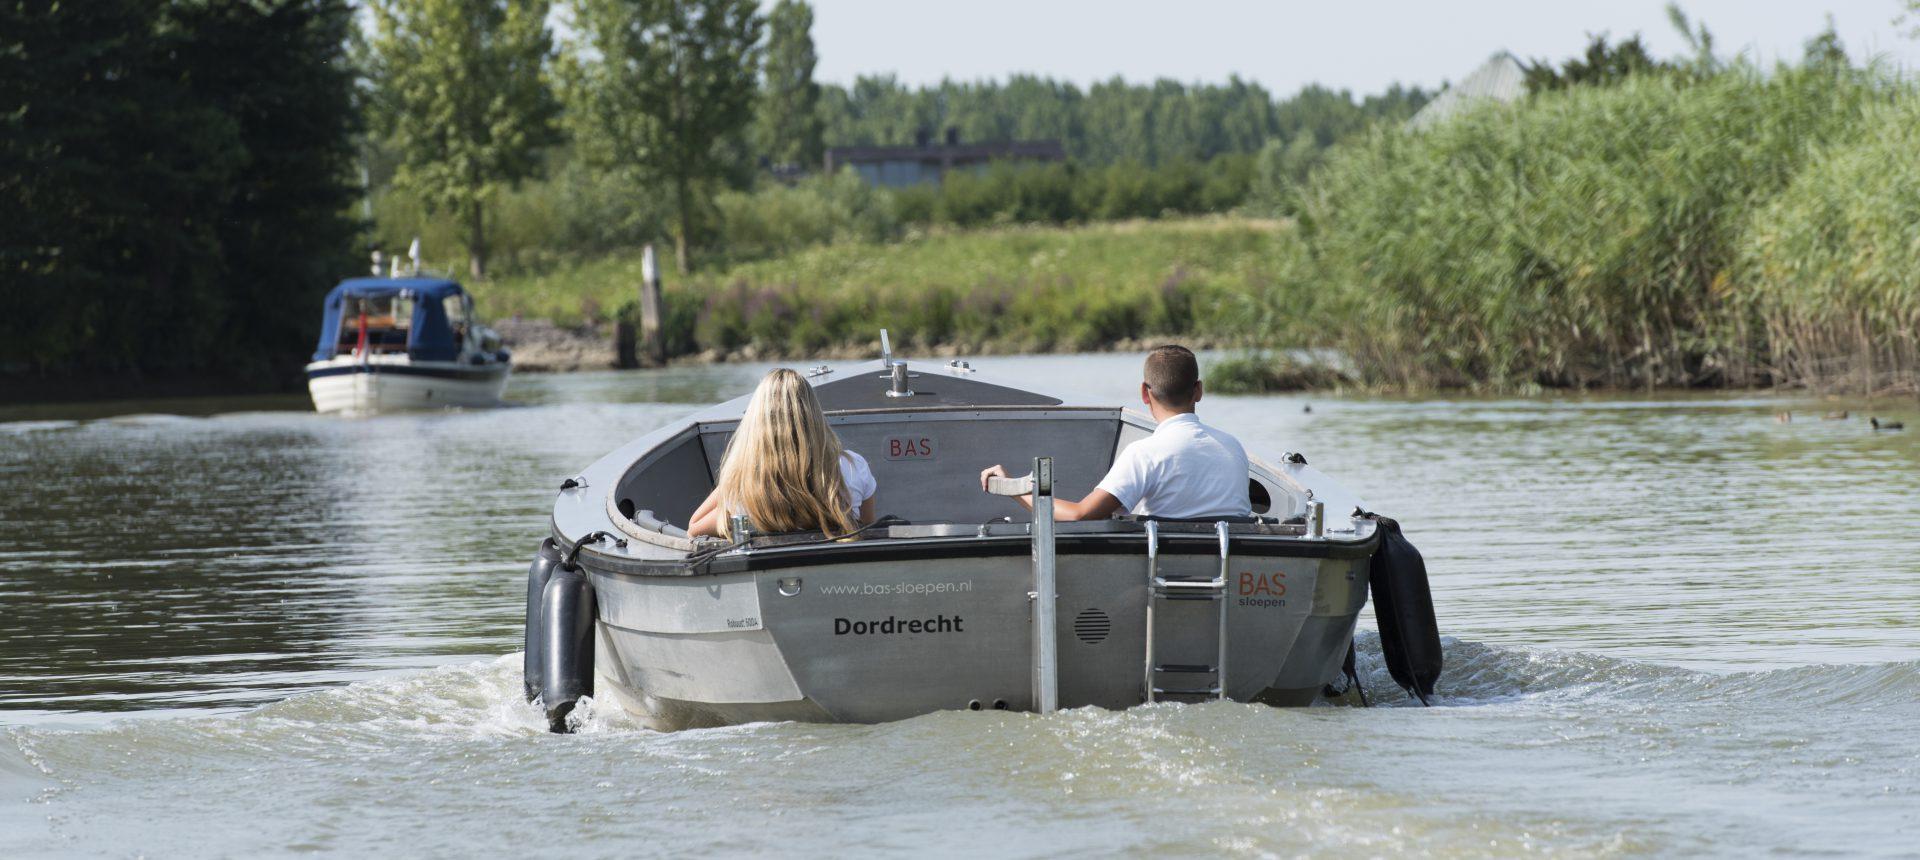 Bootverhuur Dordrecht varen Nationaal Park de Biesbosch